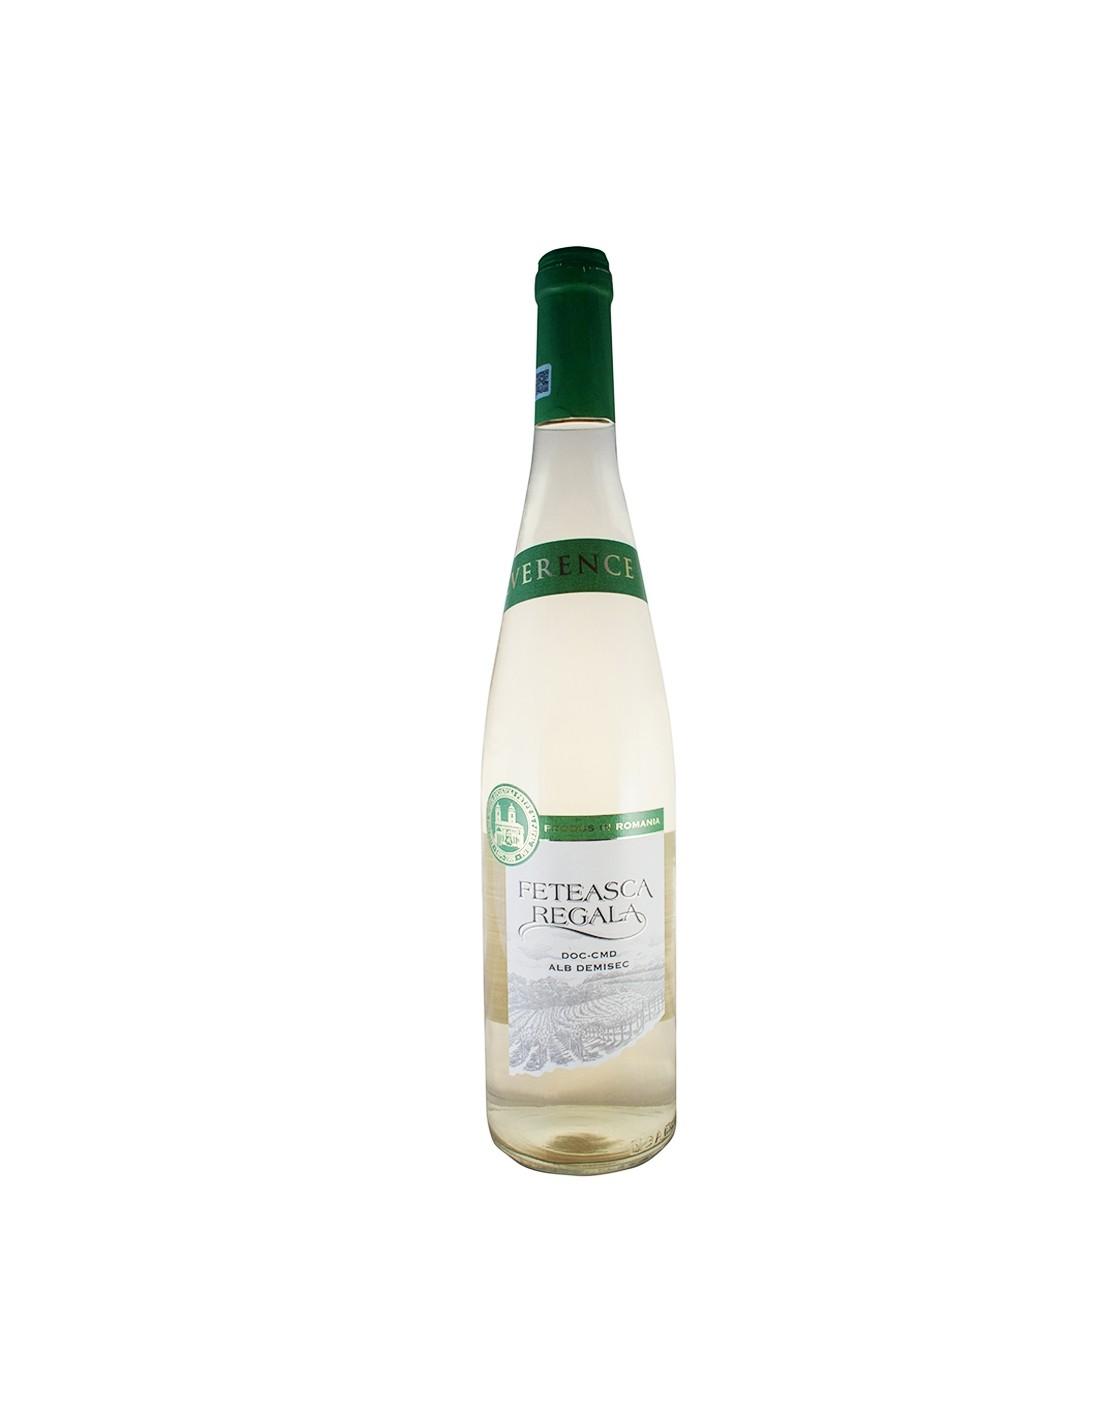 Vin alb, Feteasca Regala, Reverence, 13% alc., 0.75L, Romania